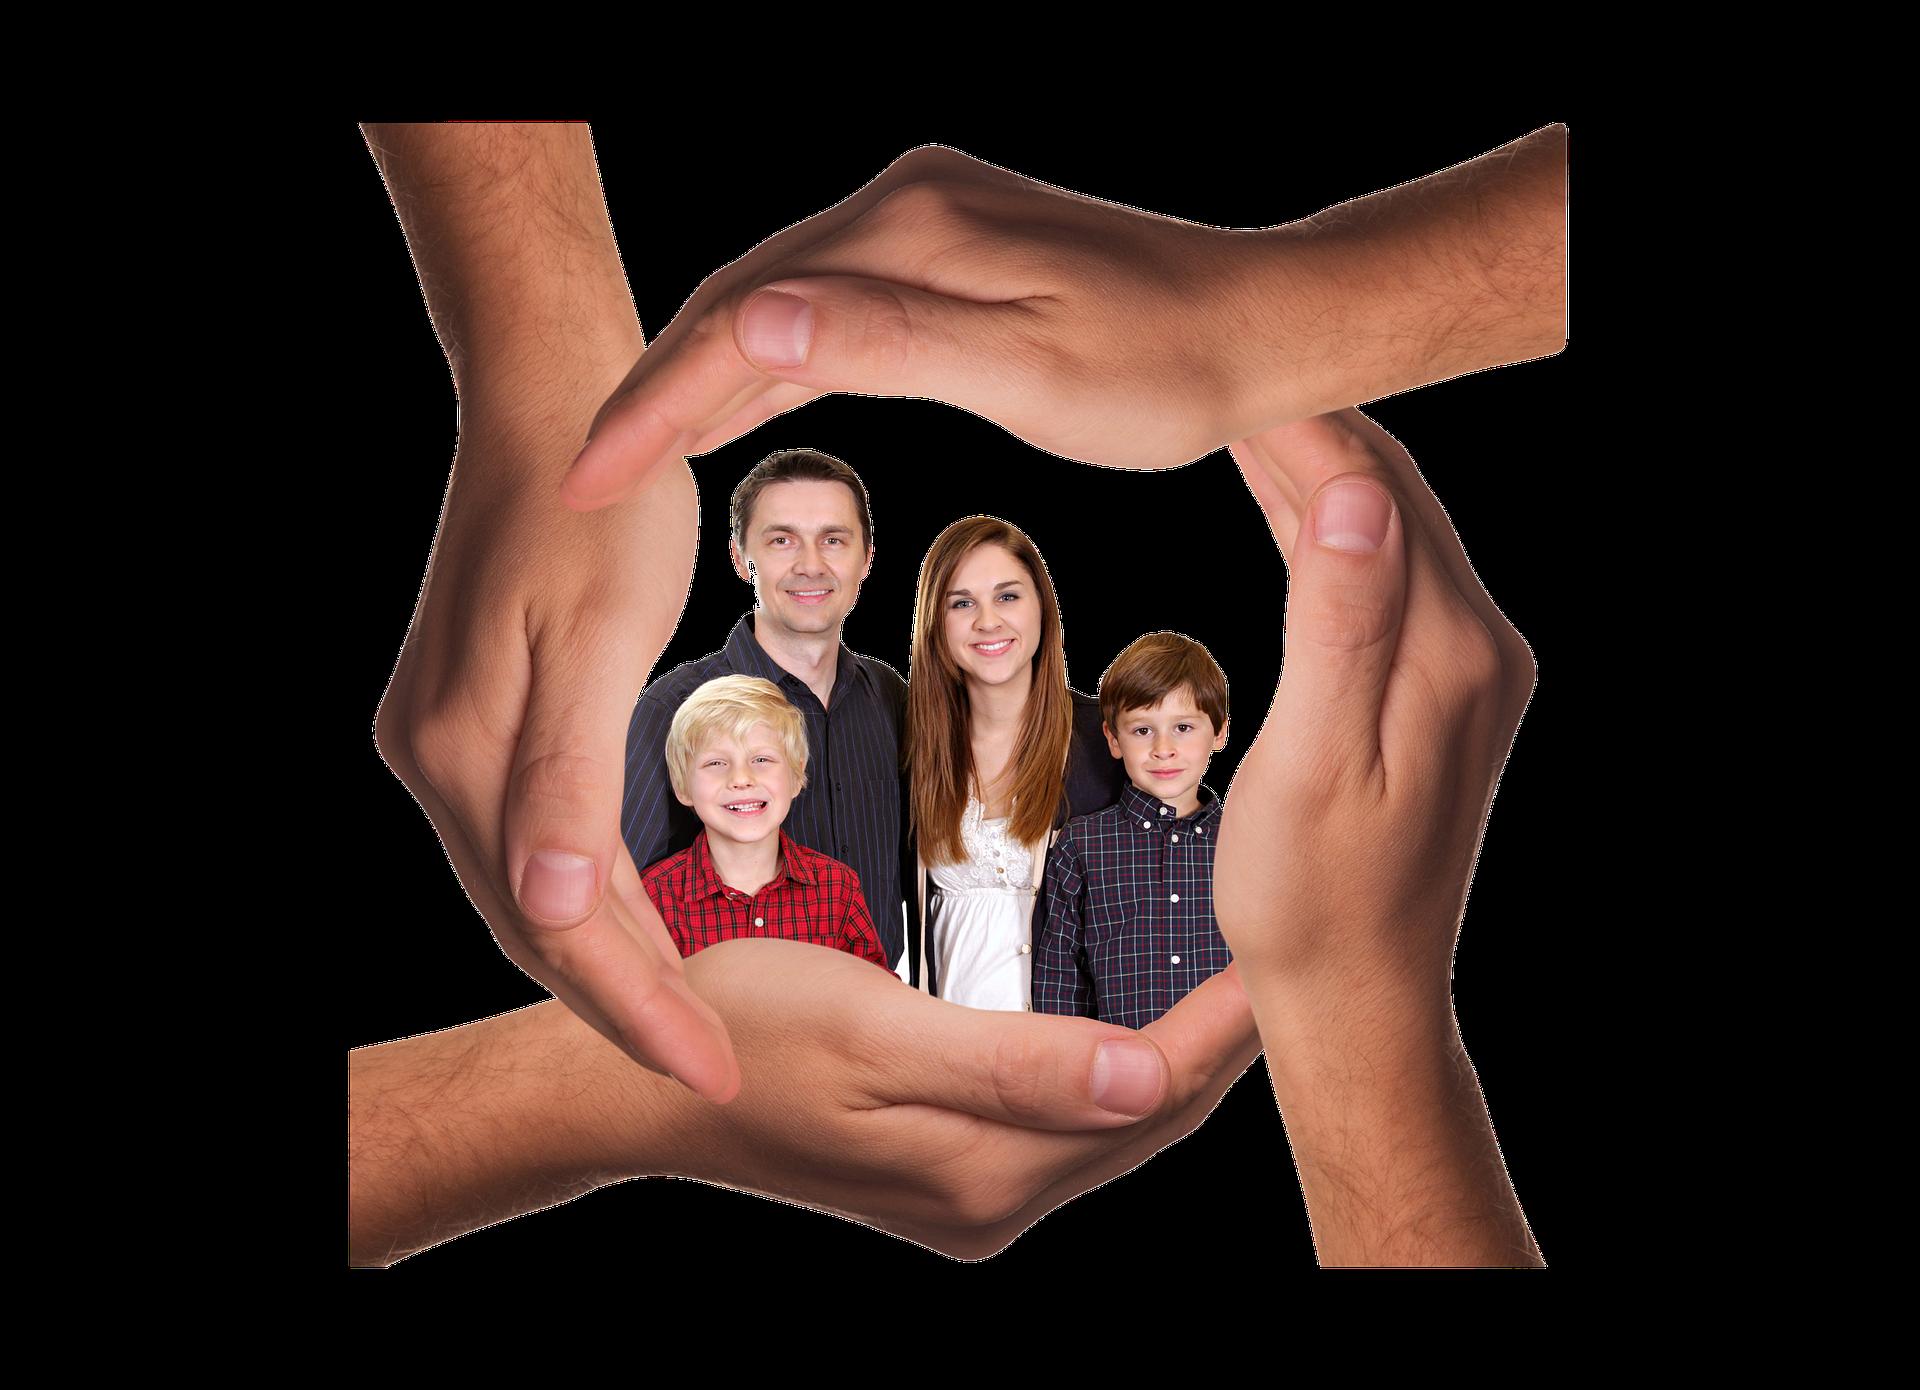 El seguro de ahorro es la mejor forma de previsión social